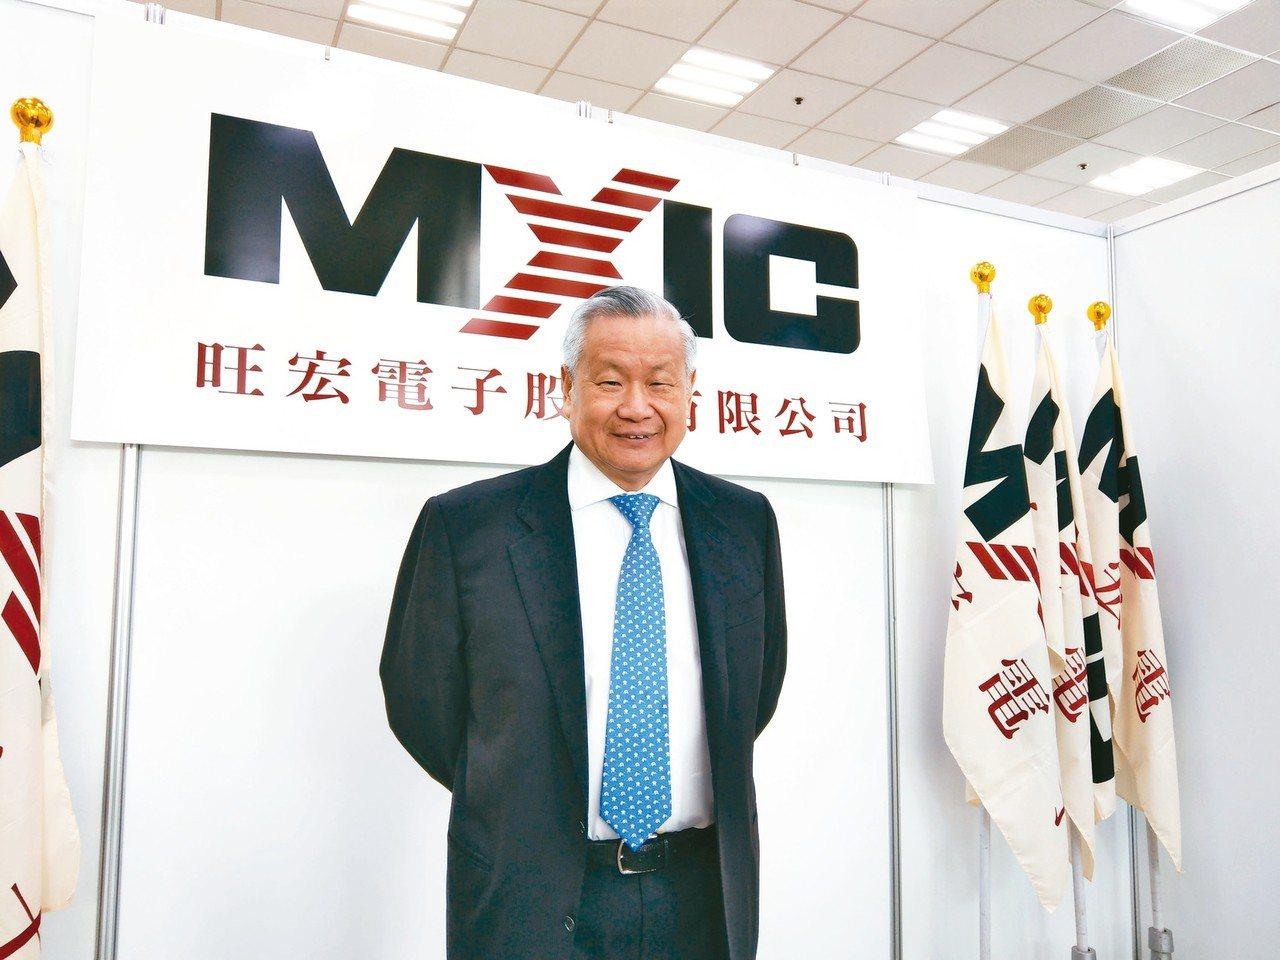 旺宏董事長吳敏求。 圖/聯合報系資料照片